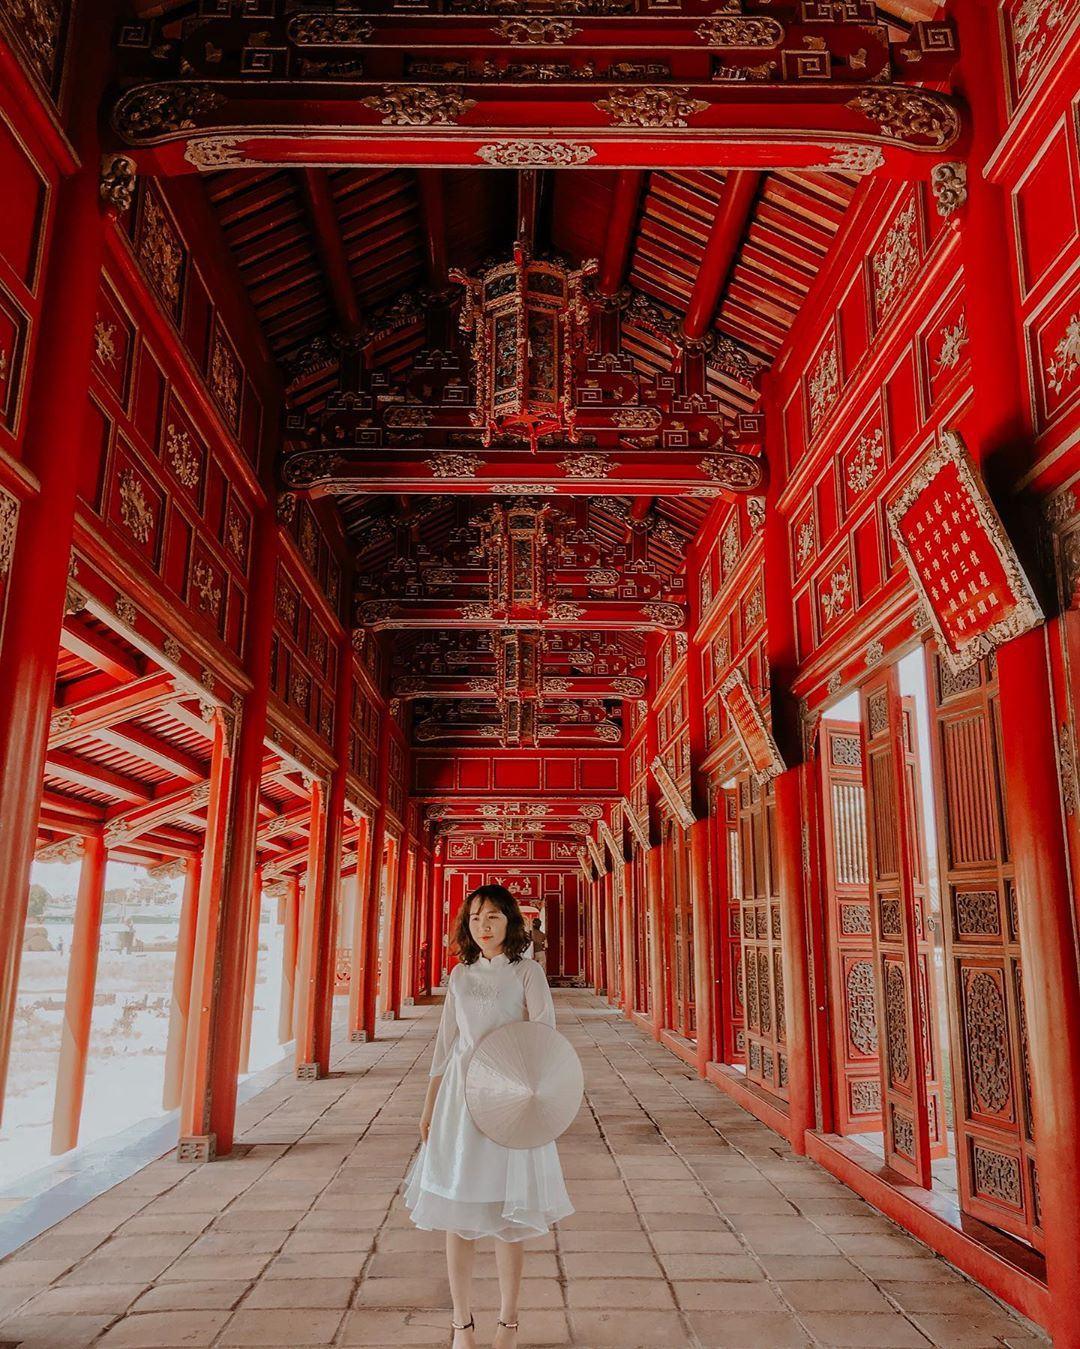 Kiến trúc cổ được làm từ gỗ lim đến nay vẫn còn nguyên vẹn và chưa hề bị mai một bởi thời gian